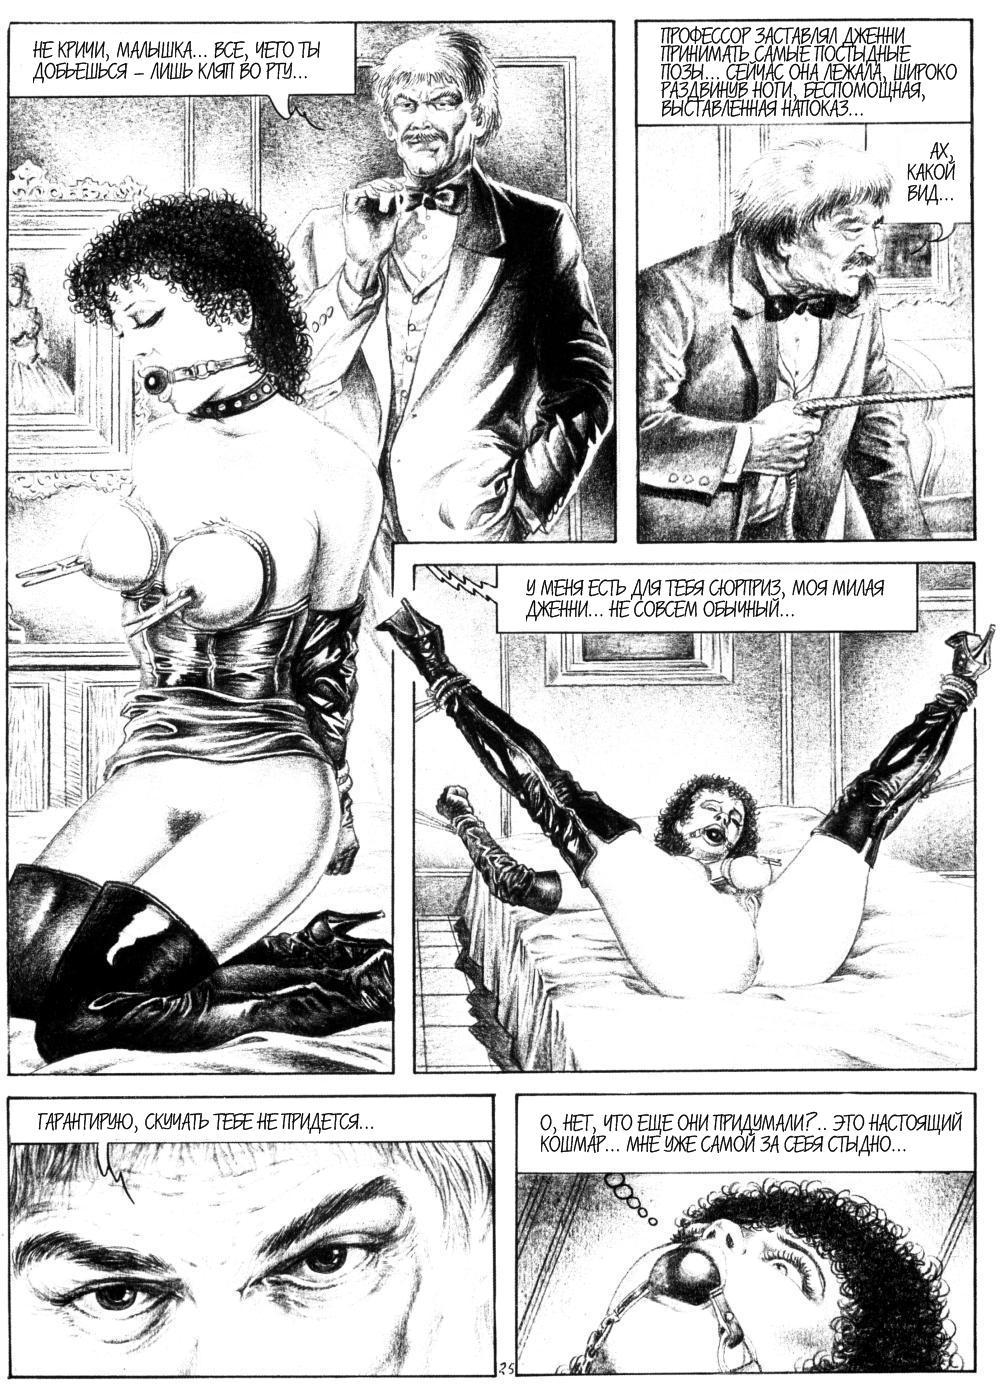 Порно дипло